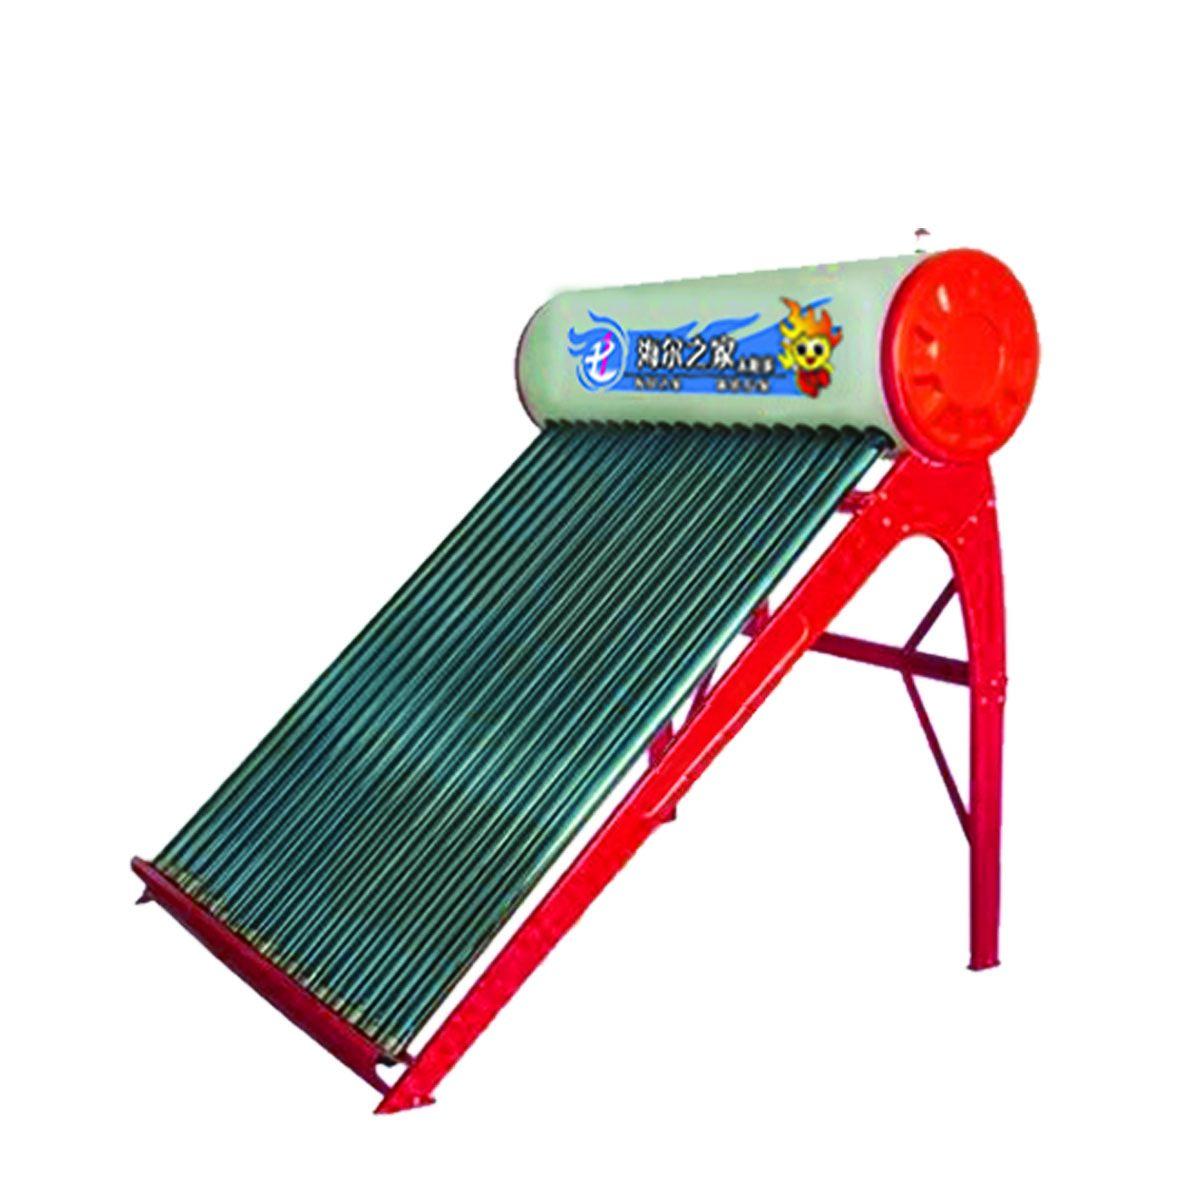 青岛维修太阳能,青岛专业维修太阳能,青岛太阳能维修,青岛修太阳能